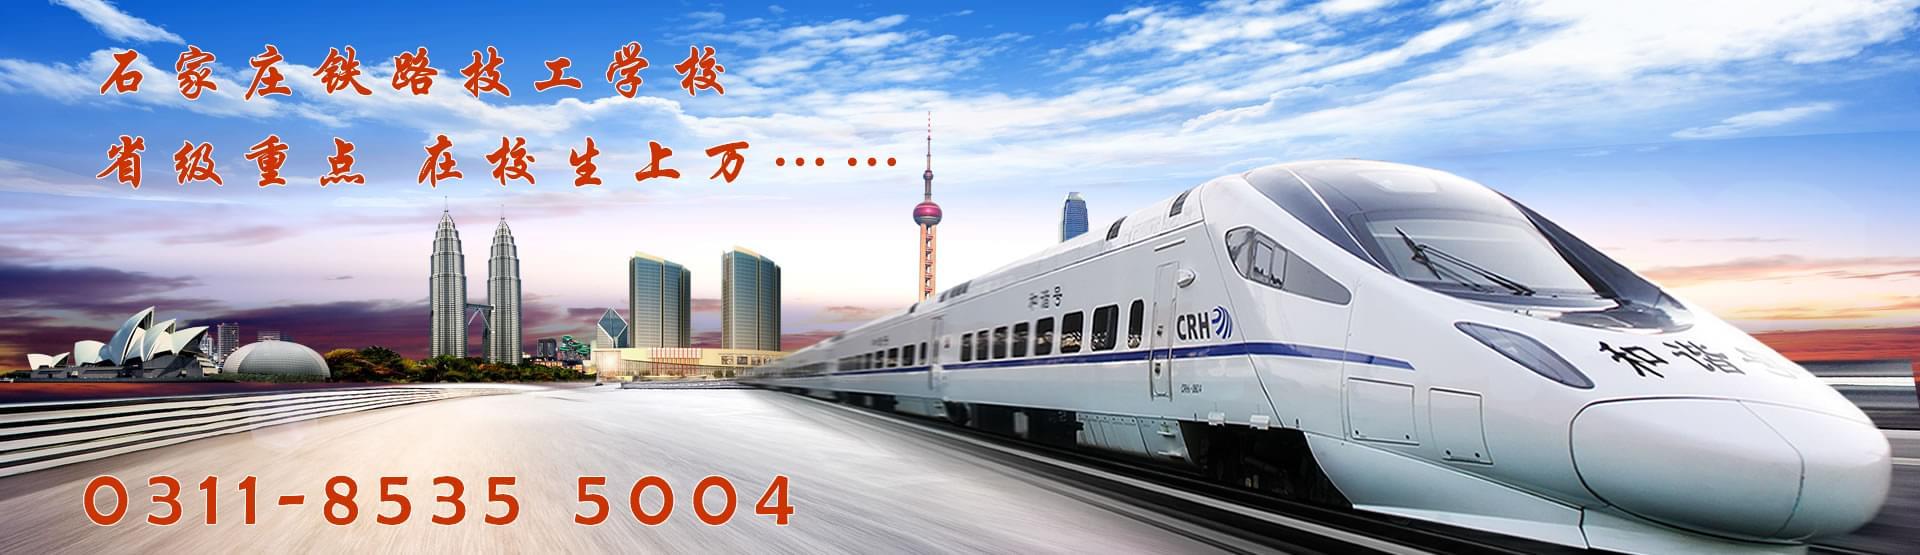 火车票网络、电话订票时间改为7时至23时